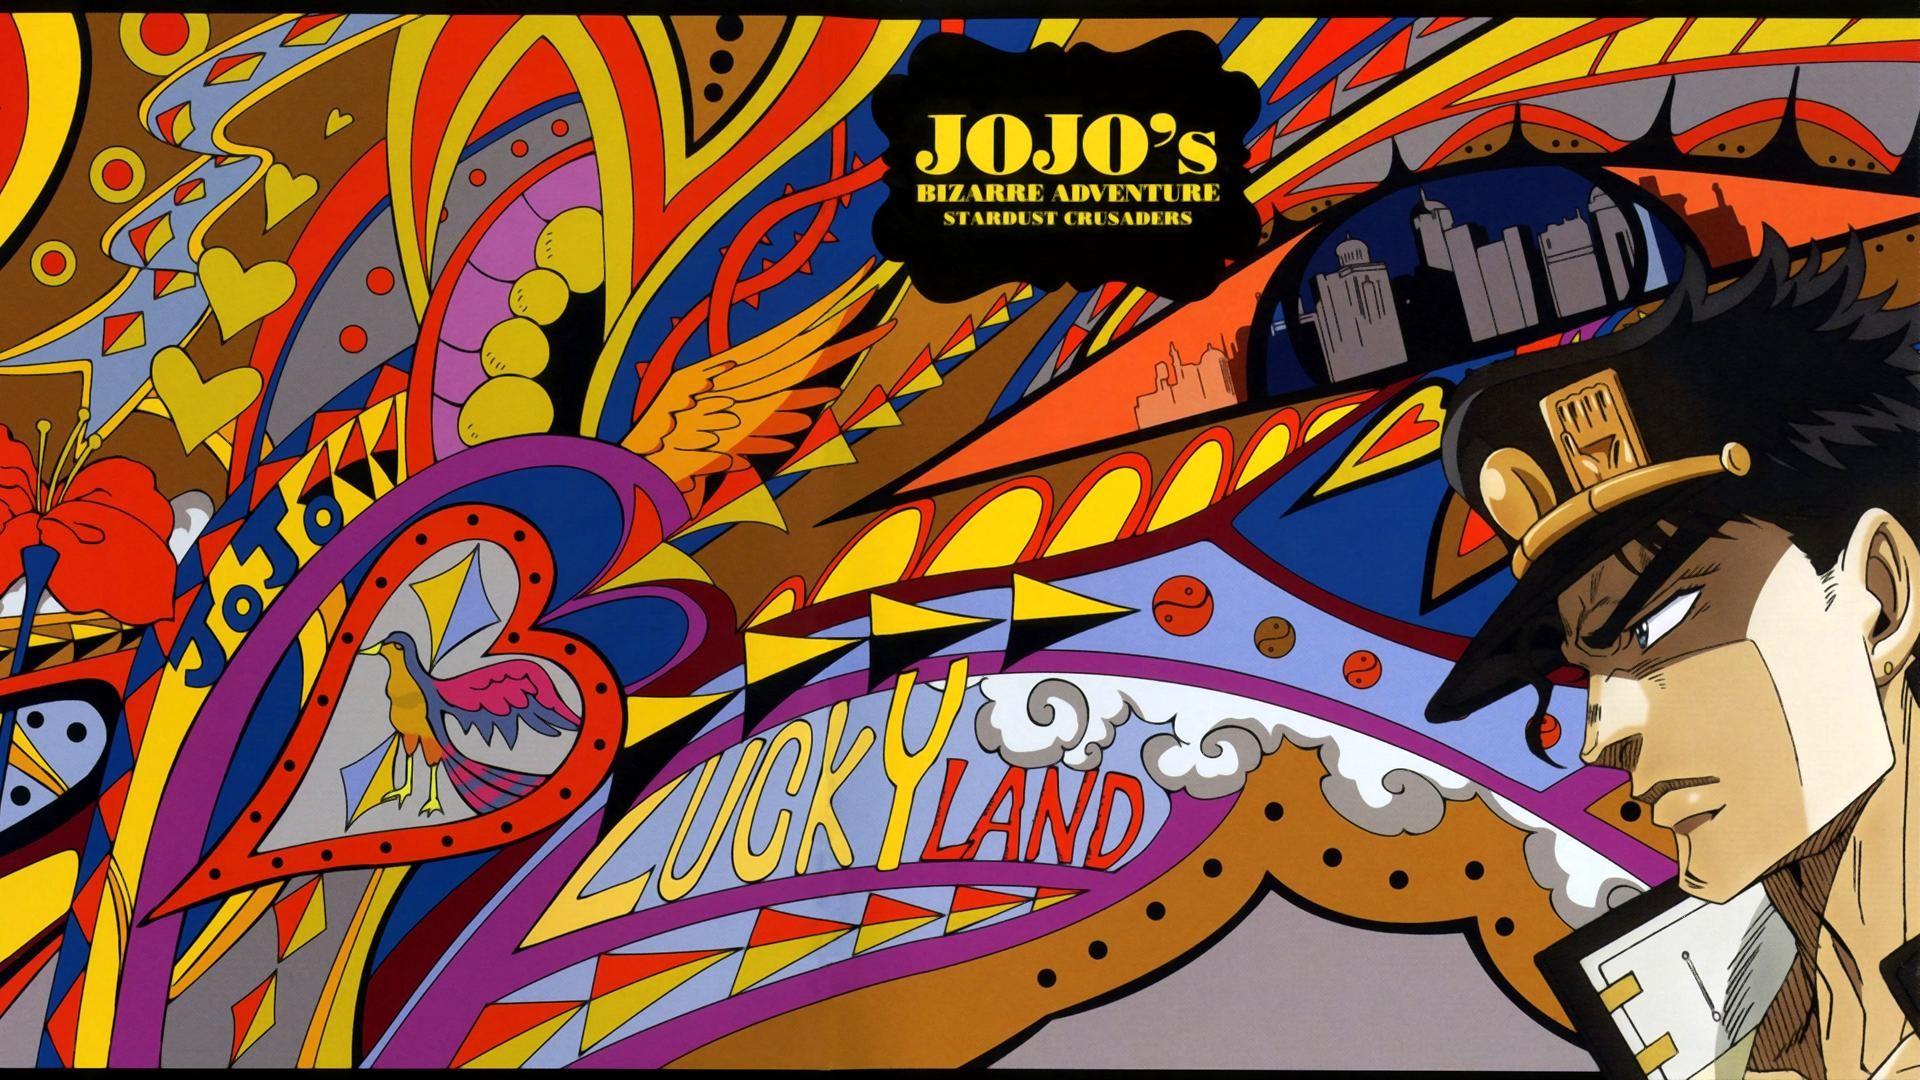 Res: 1920x1080, jojo bizarre adventure dual screen wallpaper 3